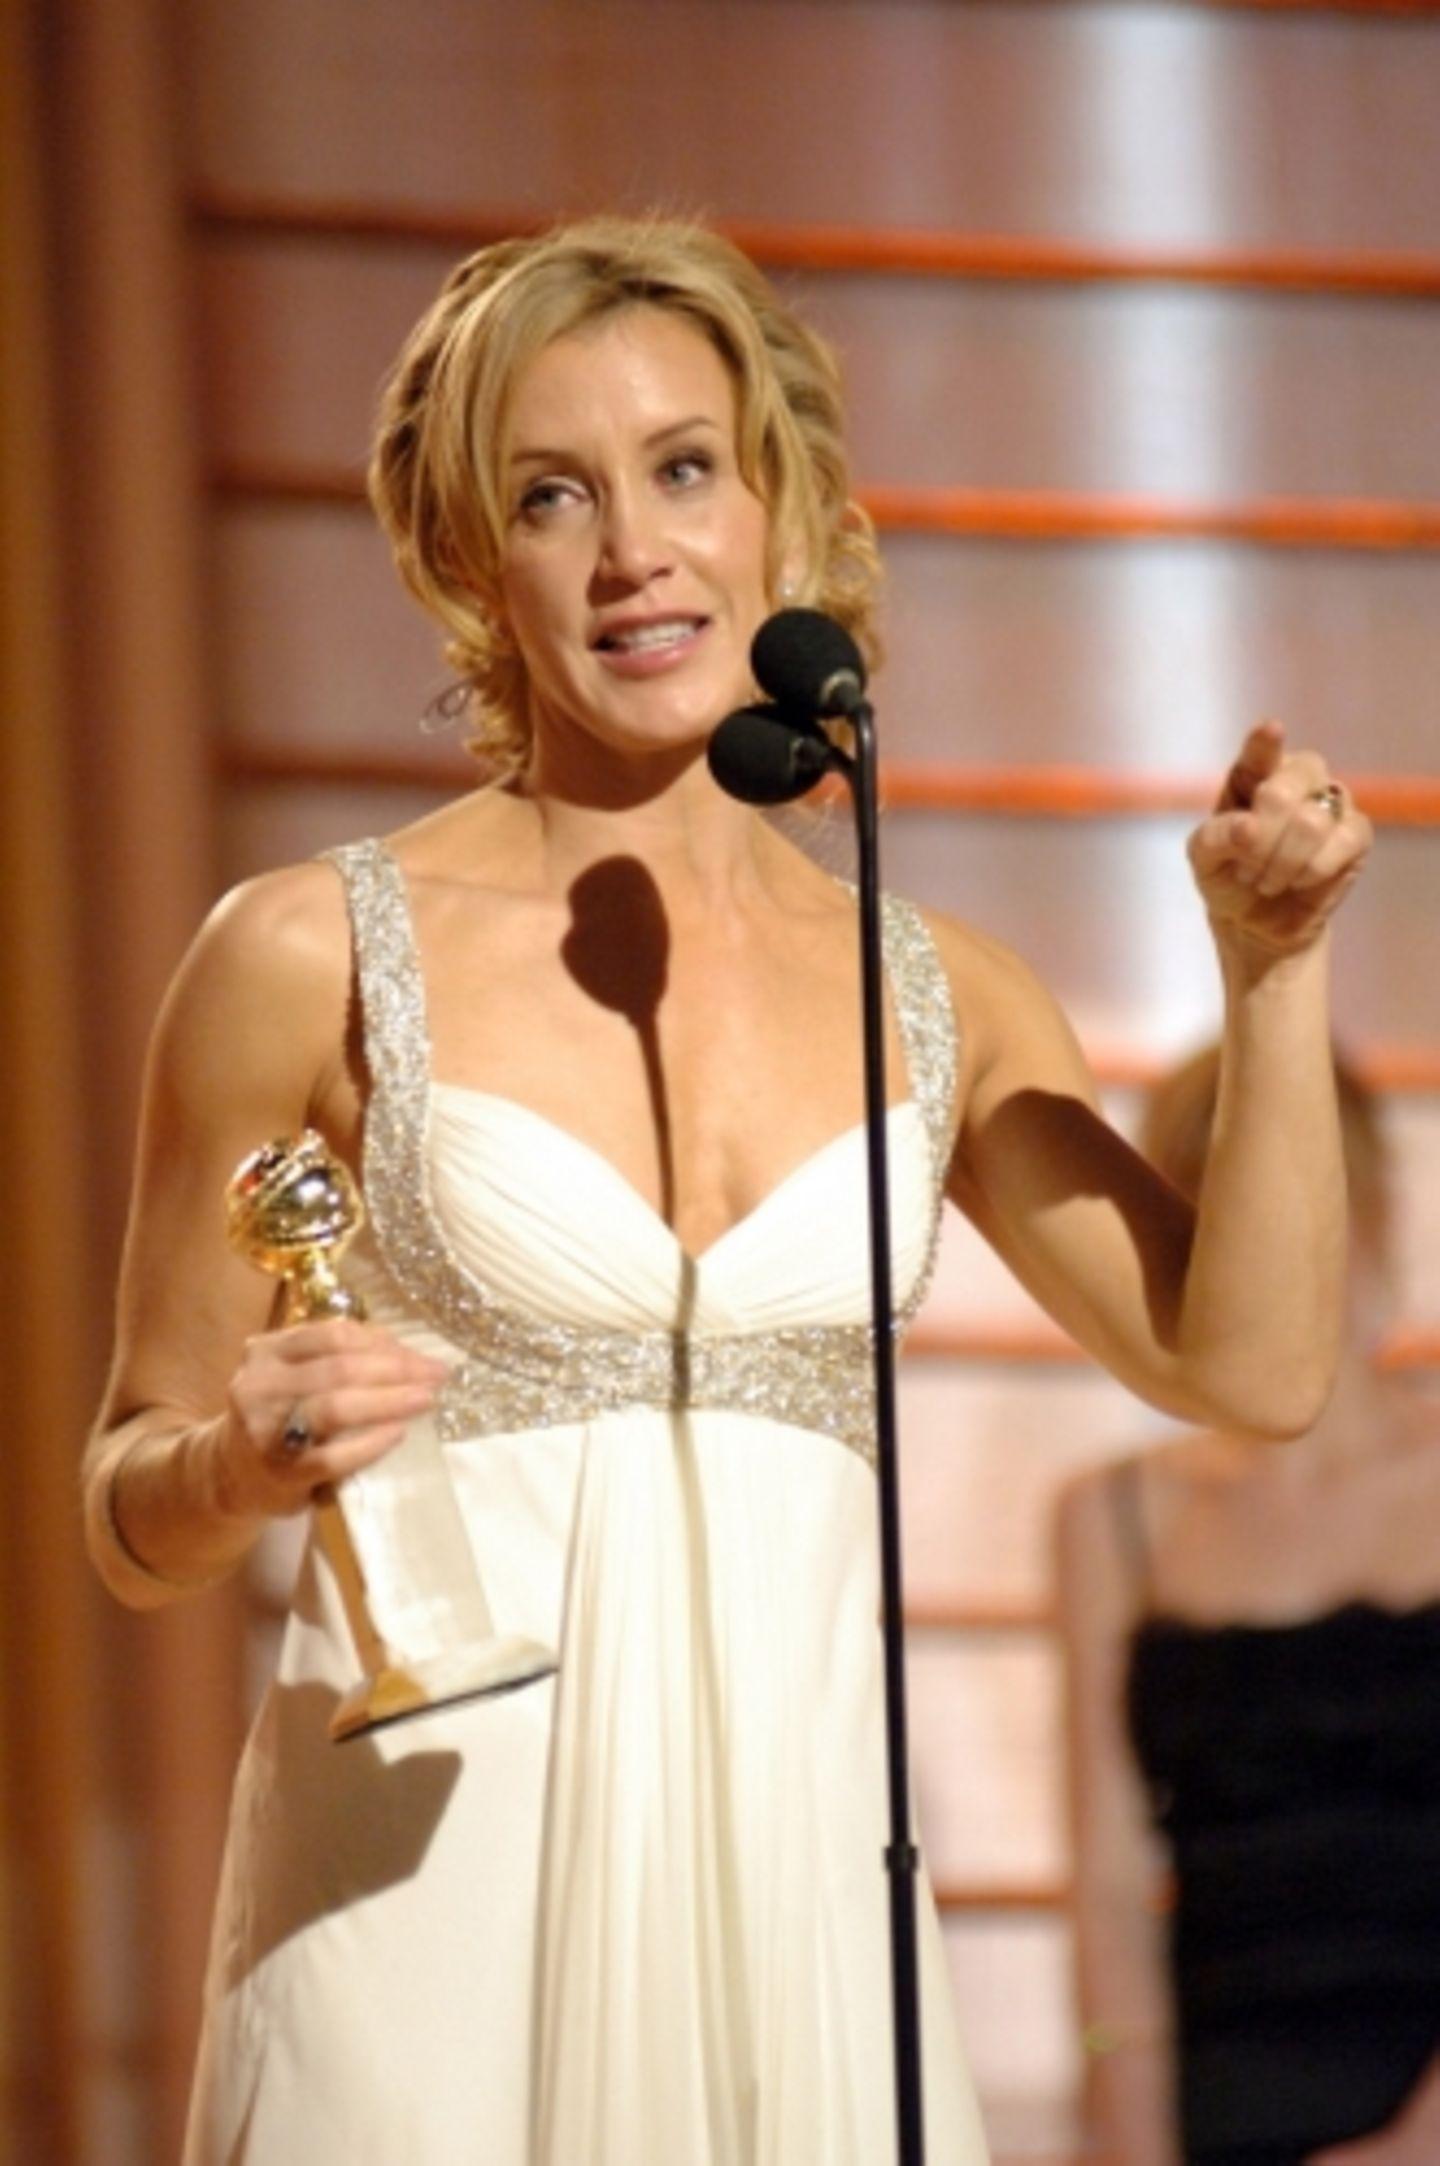 """Gleich zwei Mal im Scheinwerferlicht: Felicity Huffman ist nicht nur Teil der Crew der prämierten Serie """"Desperate Housewives"""", sondern gewann auch einen Golden Globe als Hauptdarstellerin im Film """"Transamerica"""""""